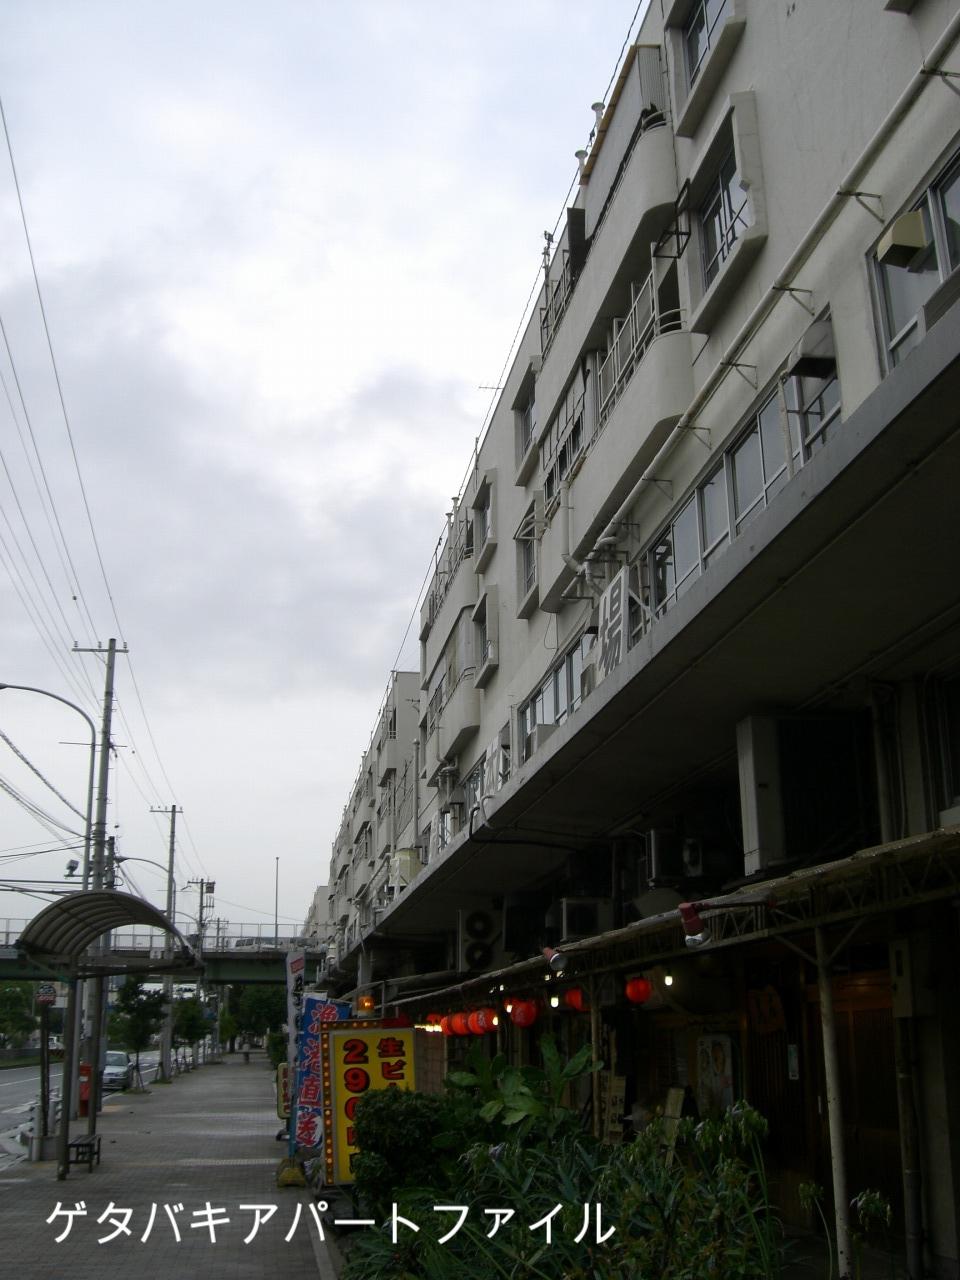 以上、神戸市営中の島住宅でした。